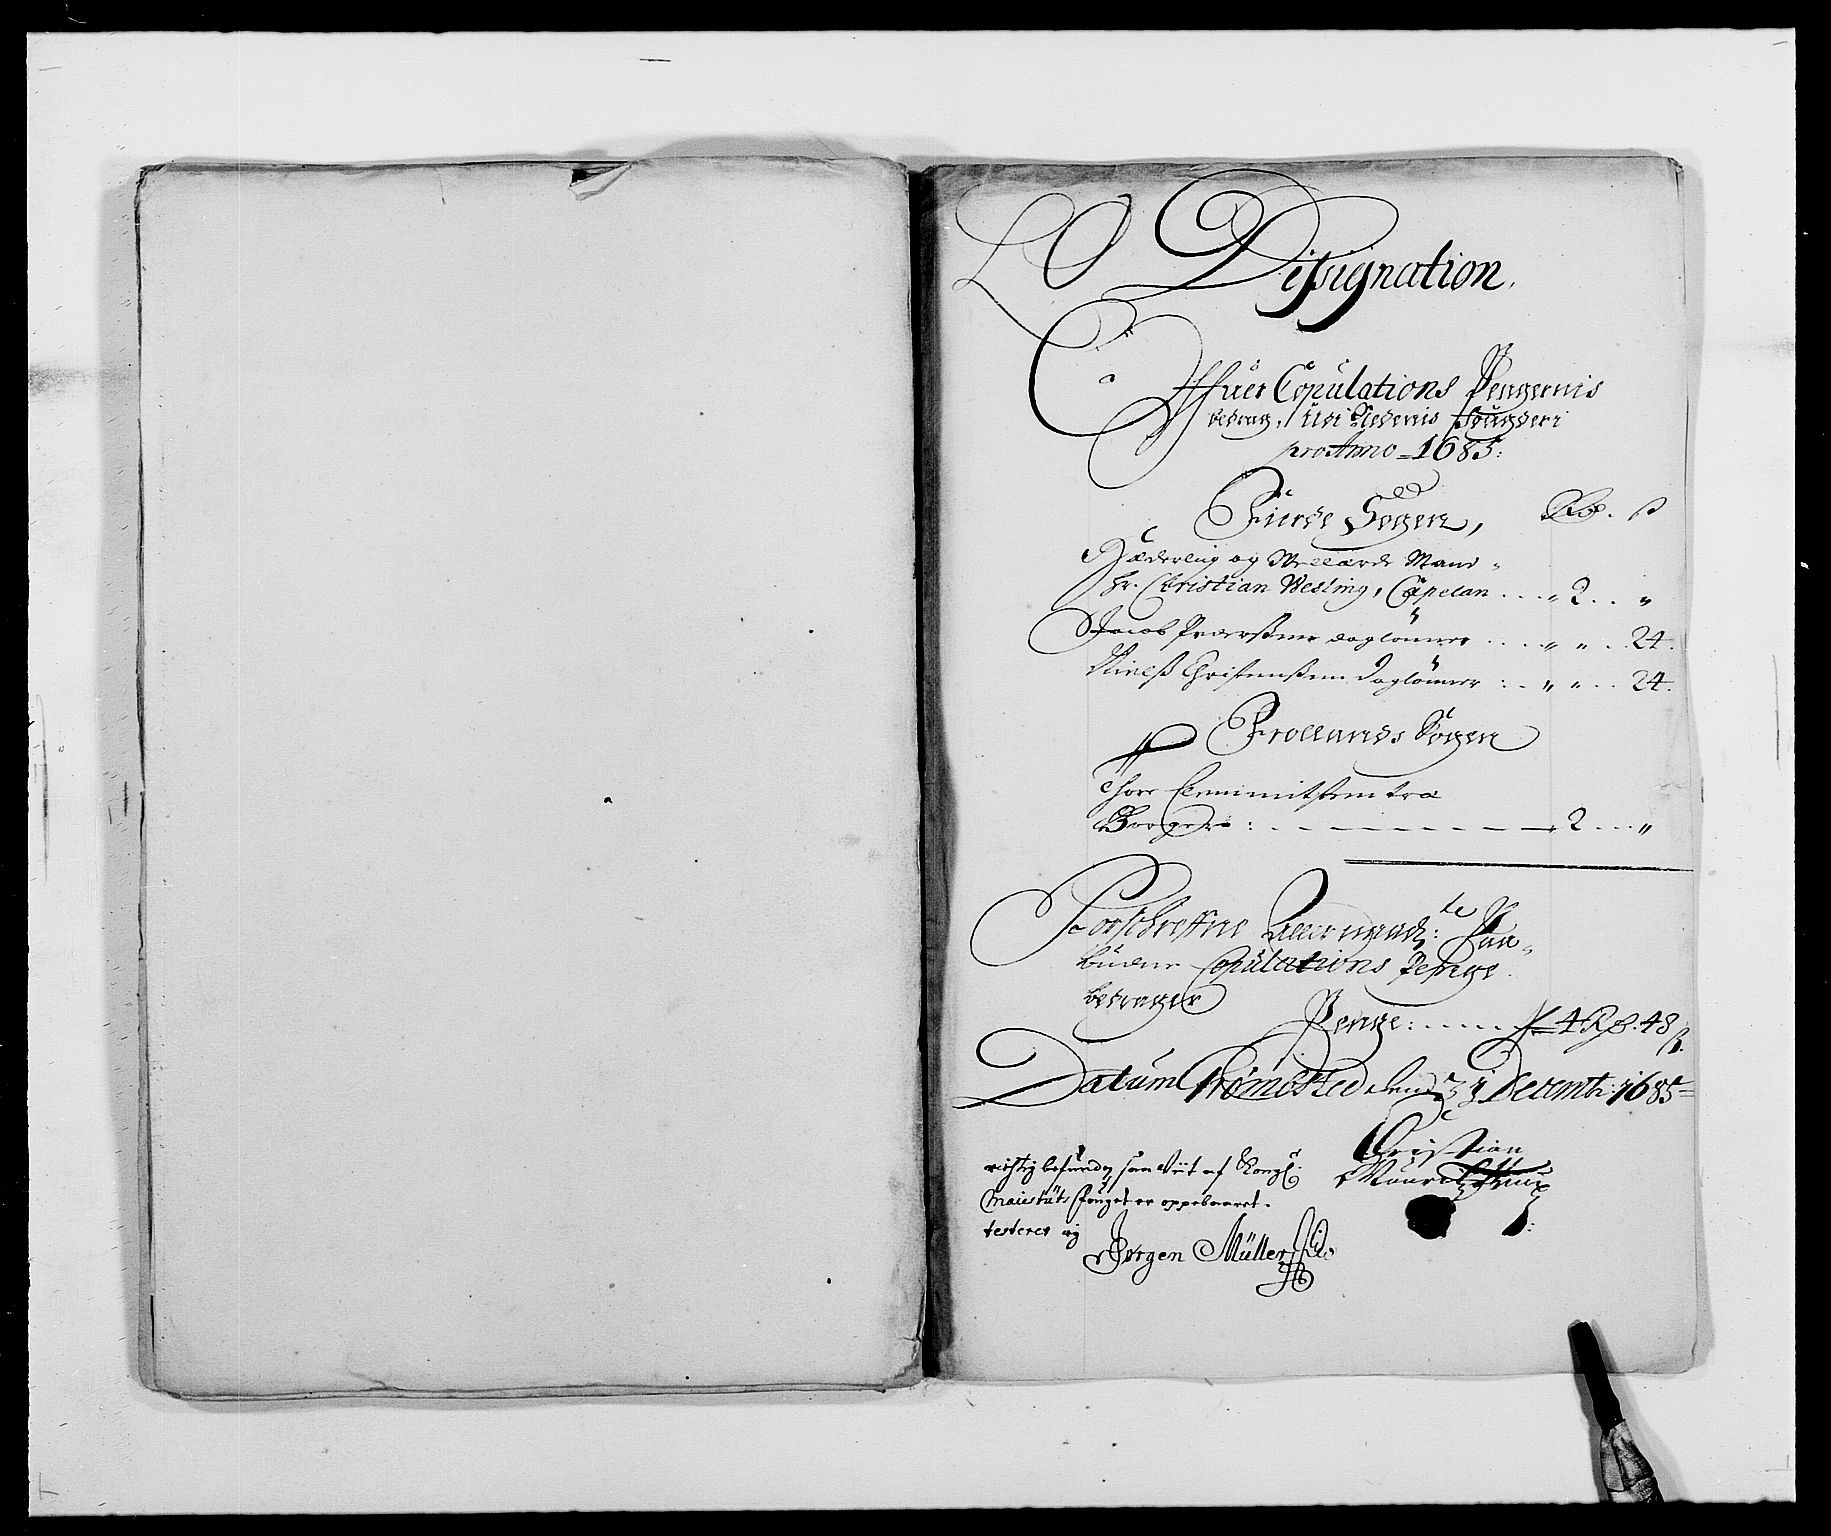 RA, Rentekammeret inntil 1814, Reviderte regnskaper, Fogderegnskap, R39/L2308: Fogderegnskap Nedenes, 1684-1689, s. 329